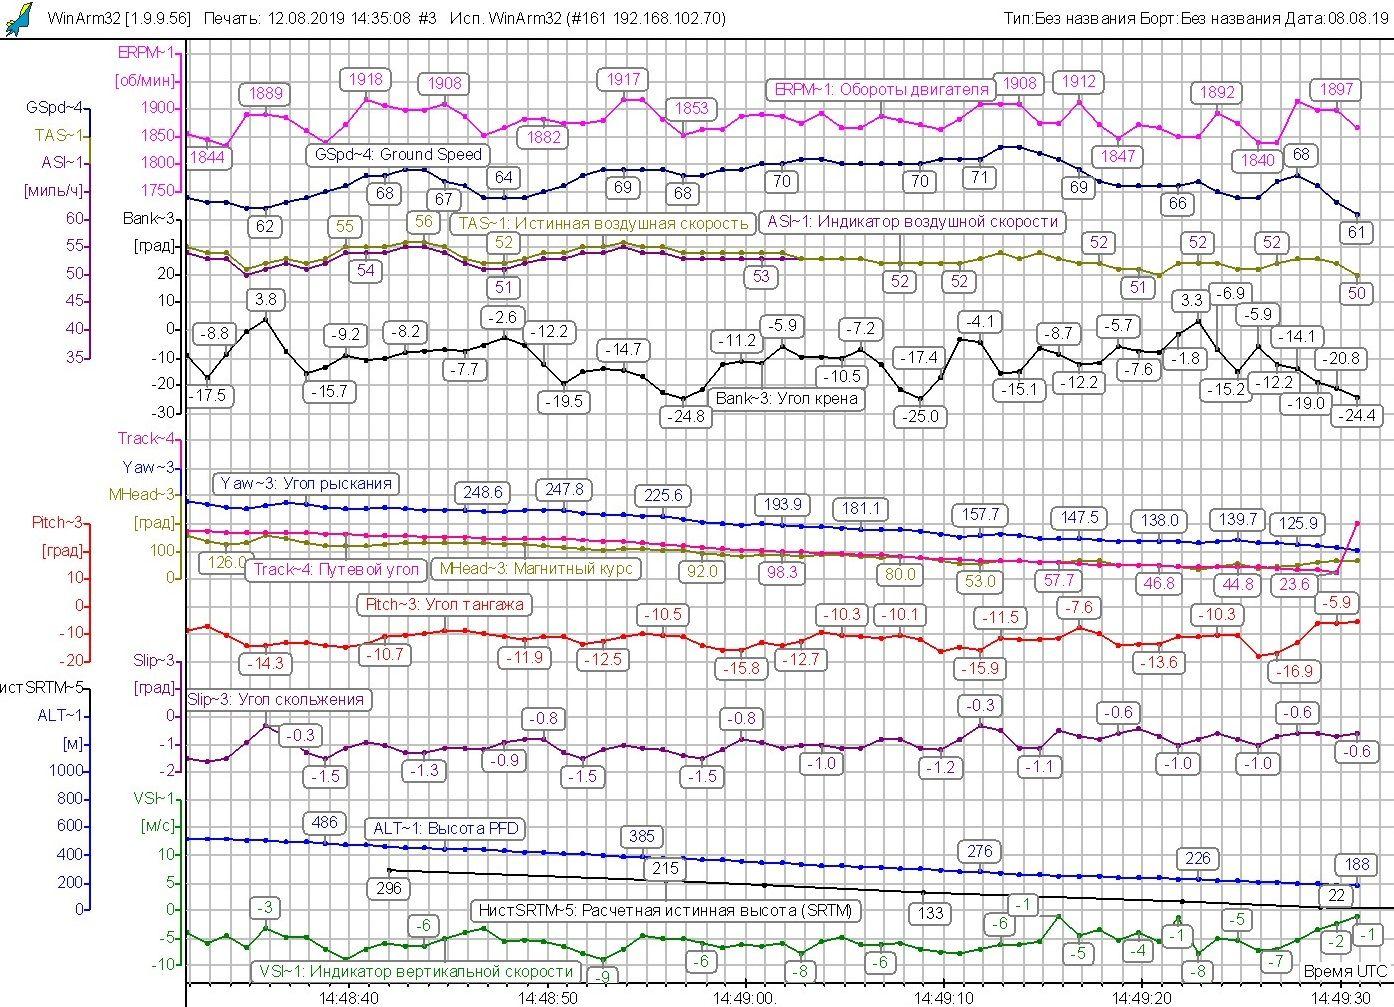 График для ЛПК последняя минута полета.jpg